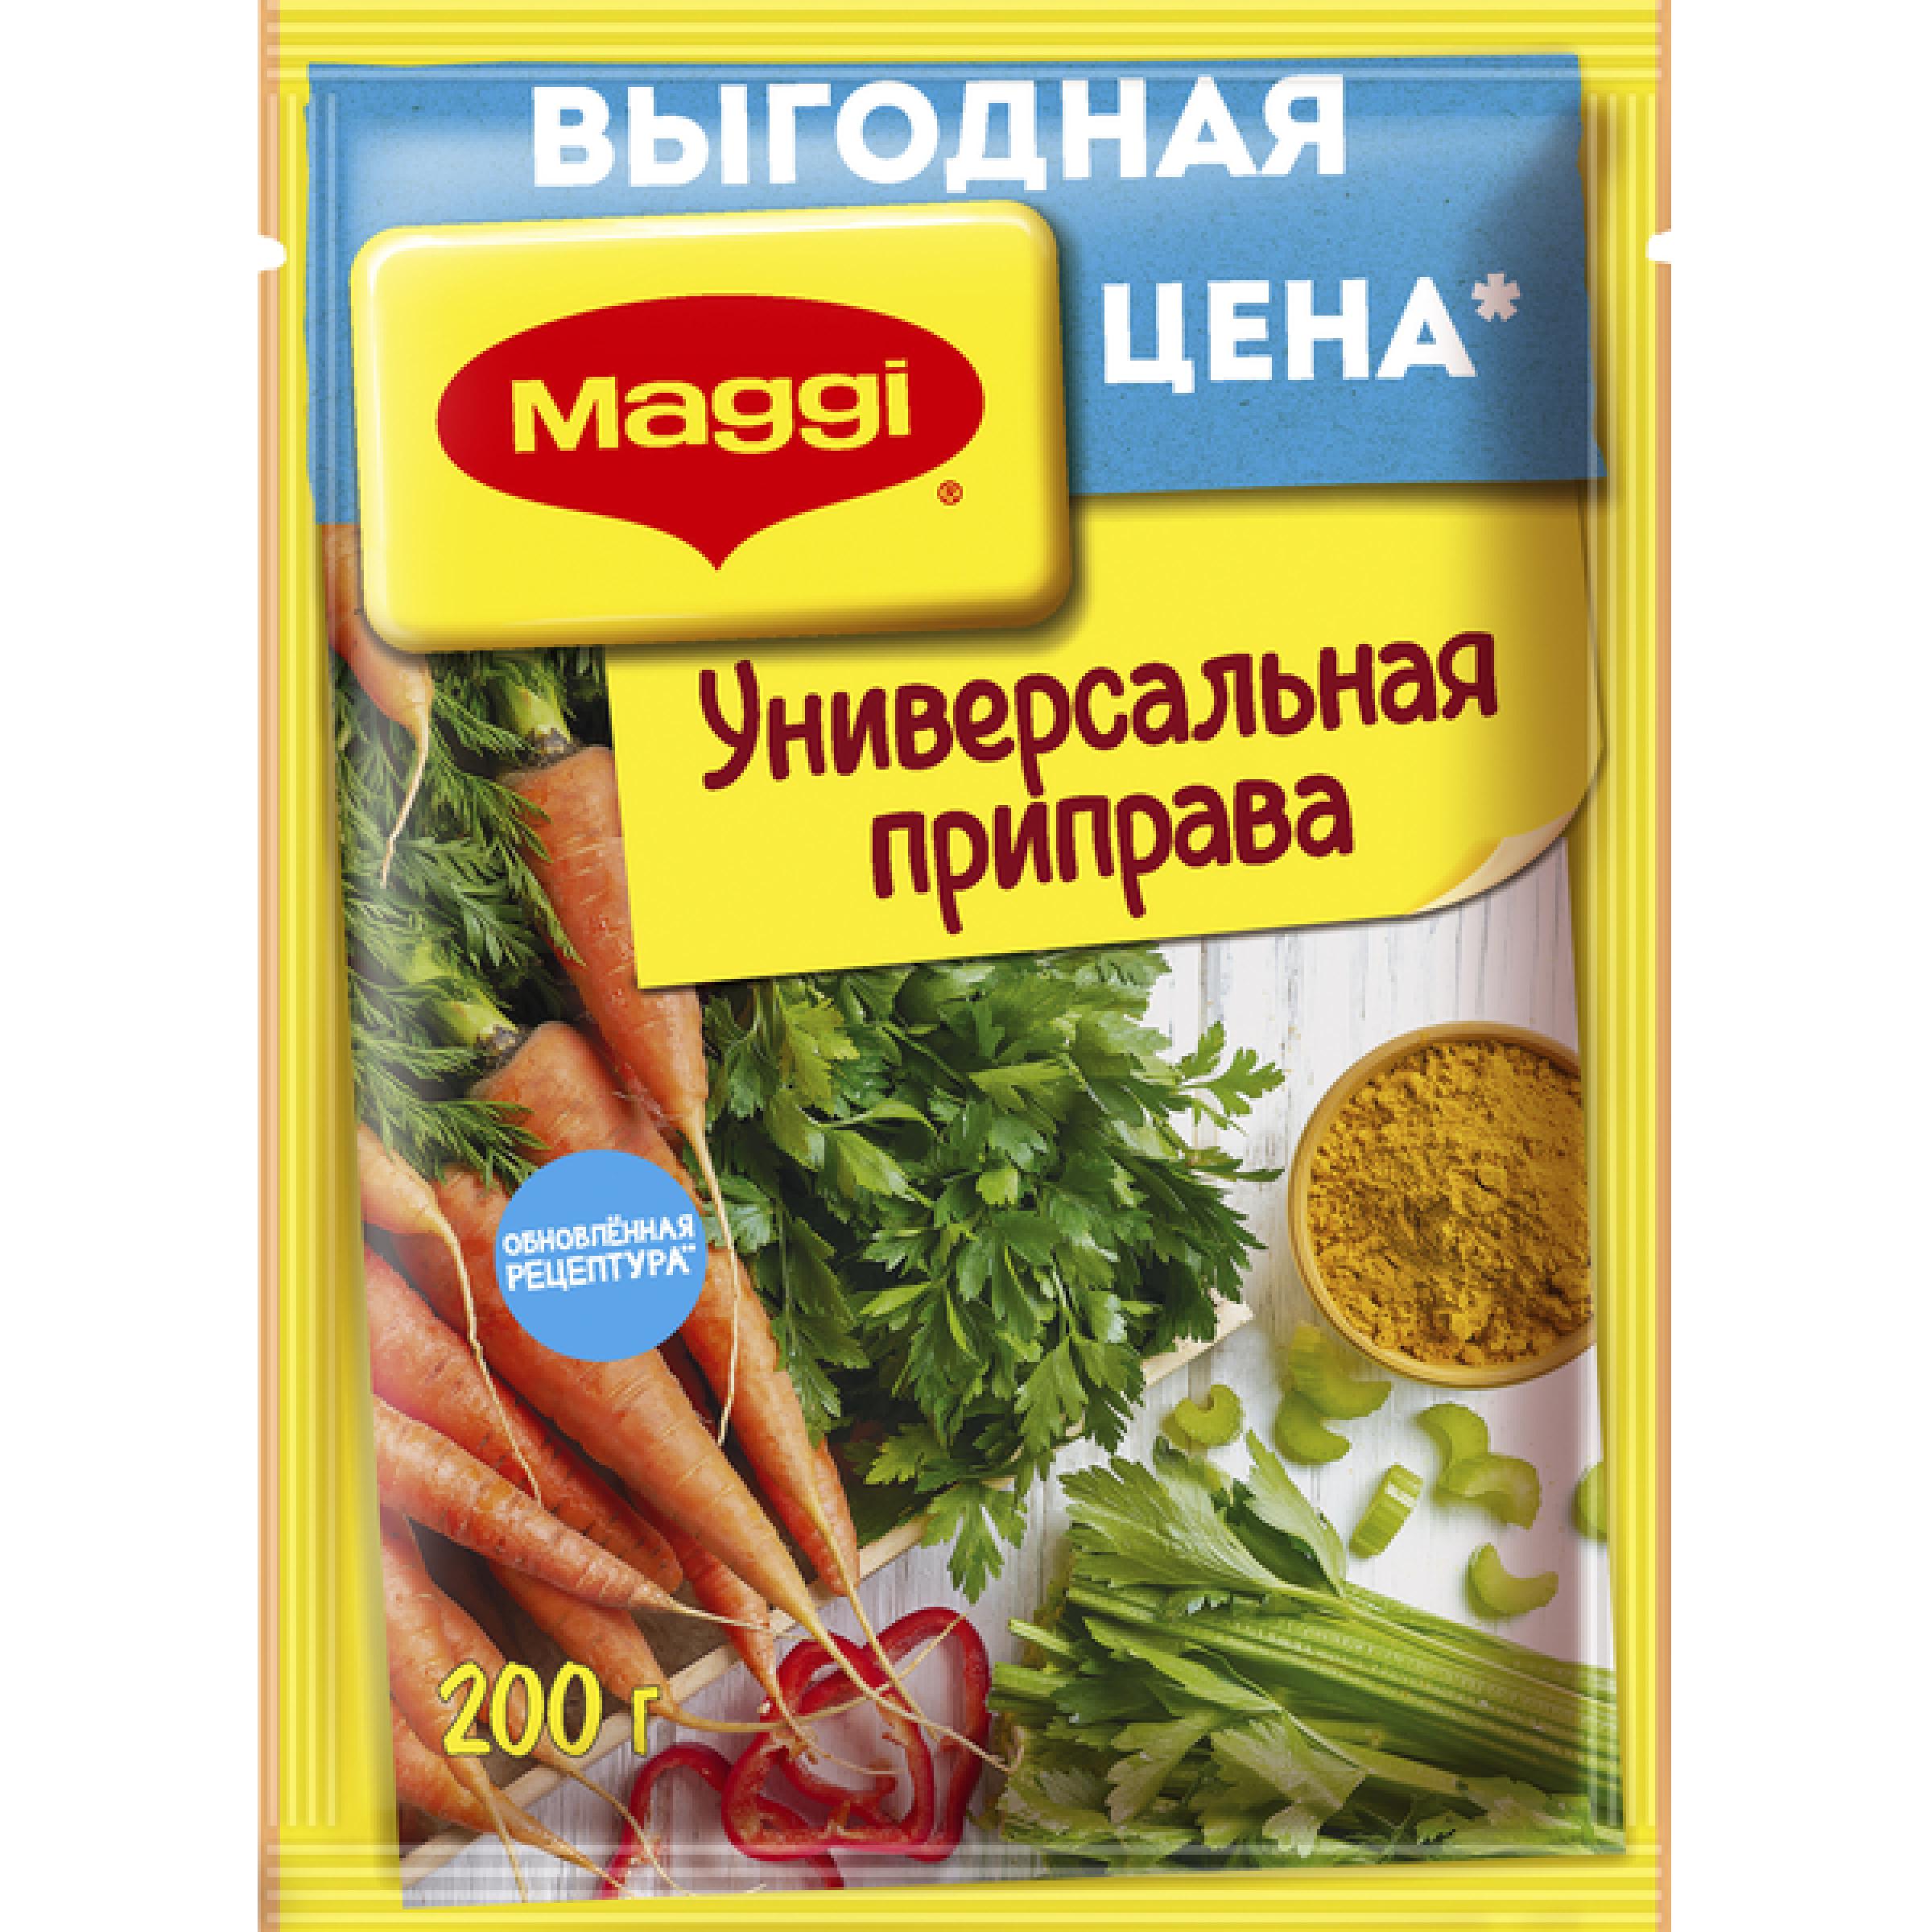 МАГГИ Приправа сухая универсальная с кусочками овощей, 200 гр